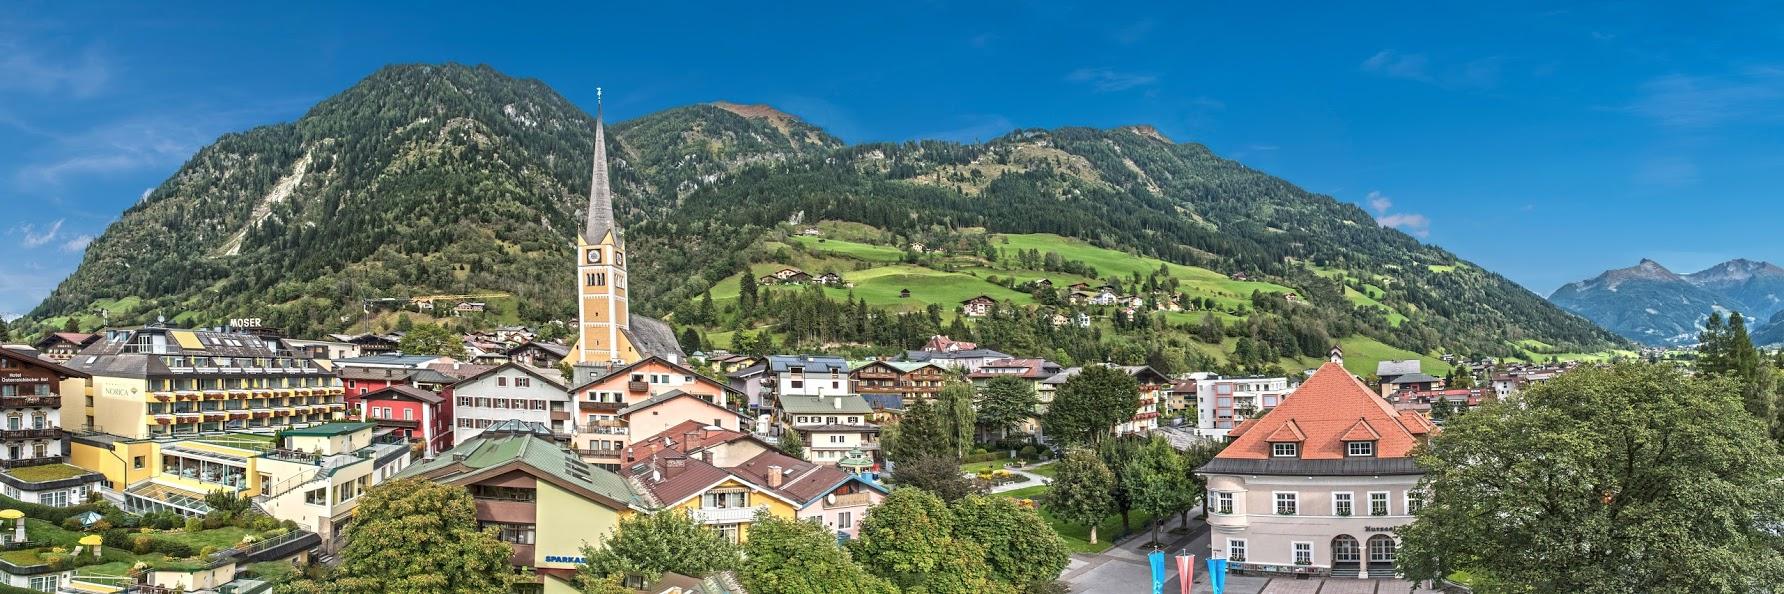 Alpenidylle im Salzburger Land